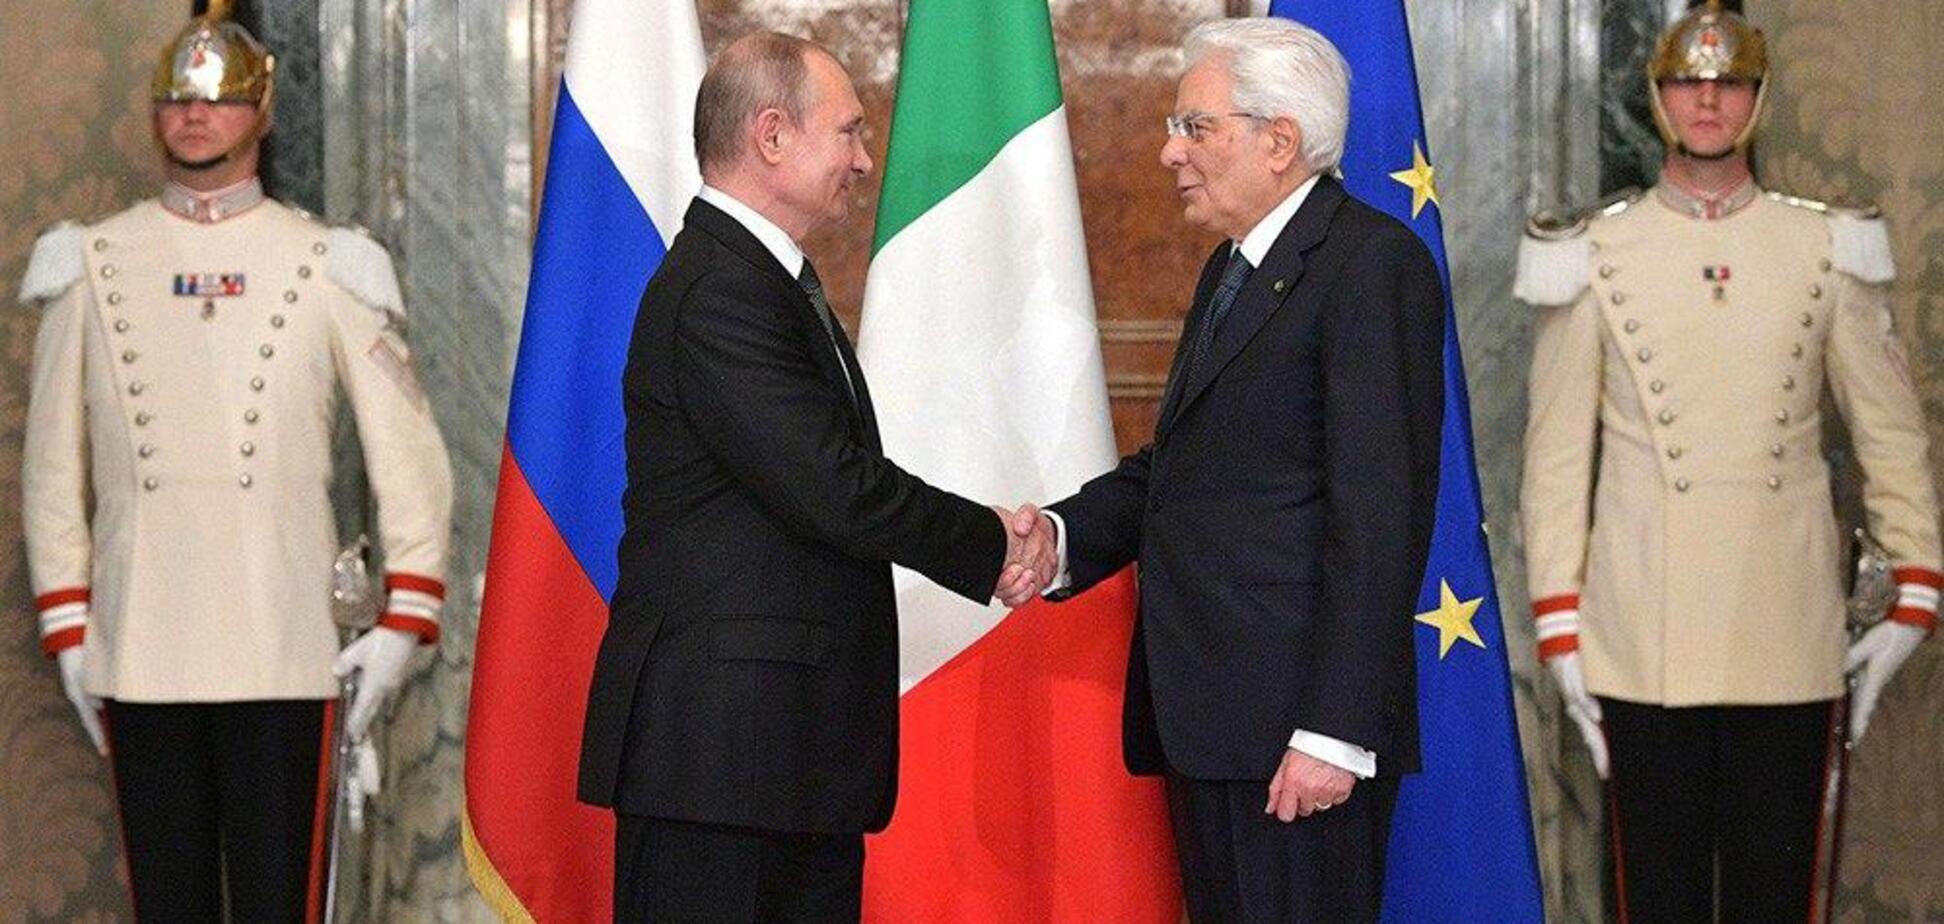 Вместо медиков – военные: в Италии разоблачили гумконвой Путина для борьбы с коронавирусом